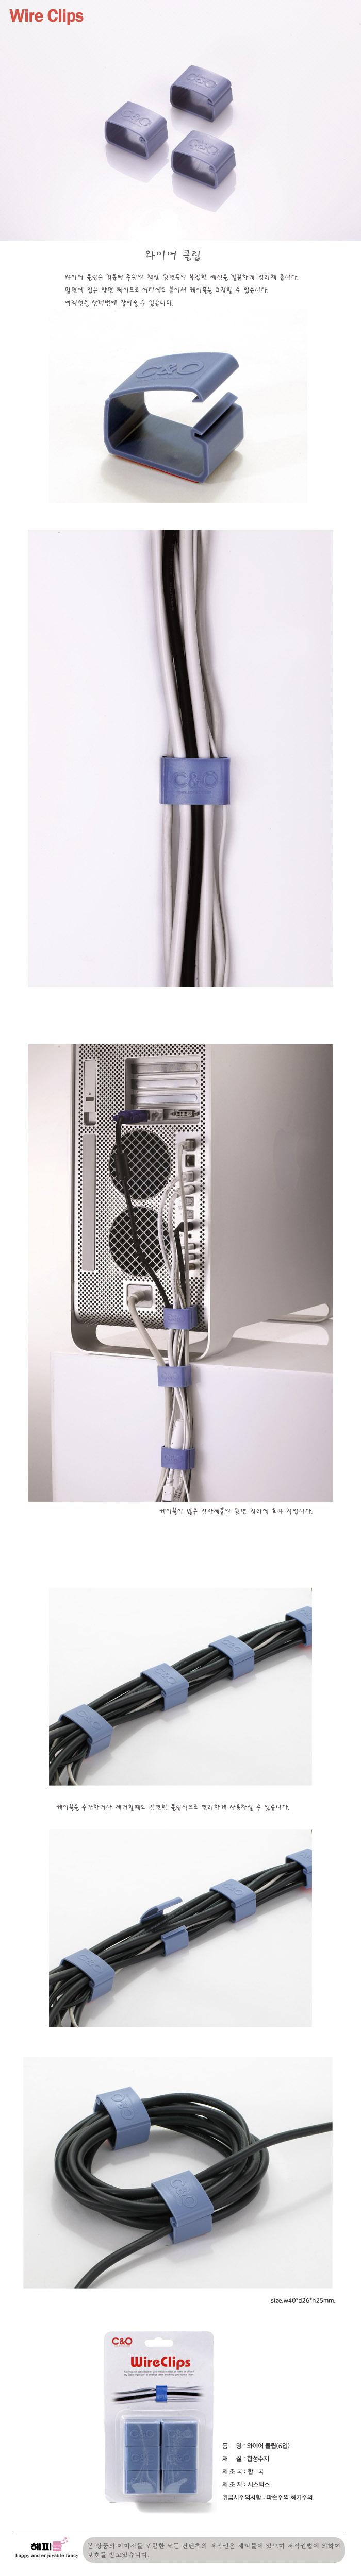 와이어클립 2SET(12개입) - 해피툴, 9,500원, 데스크가구, 모니터받침대